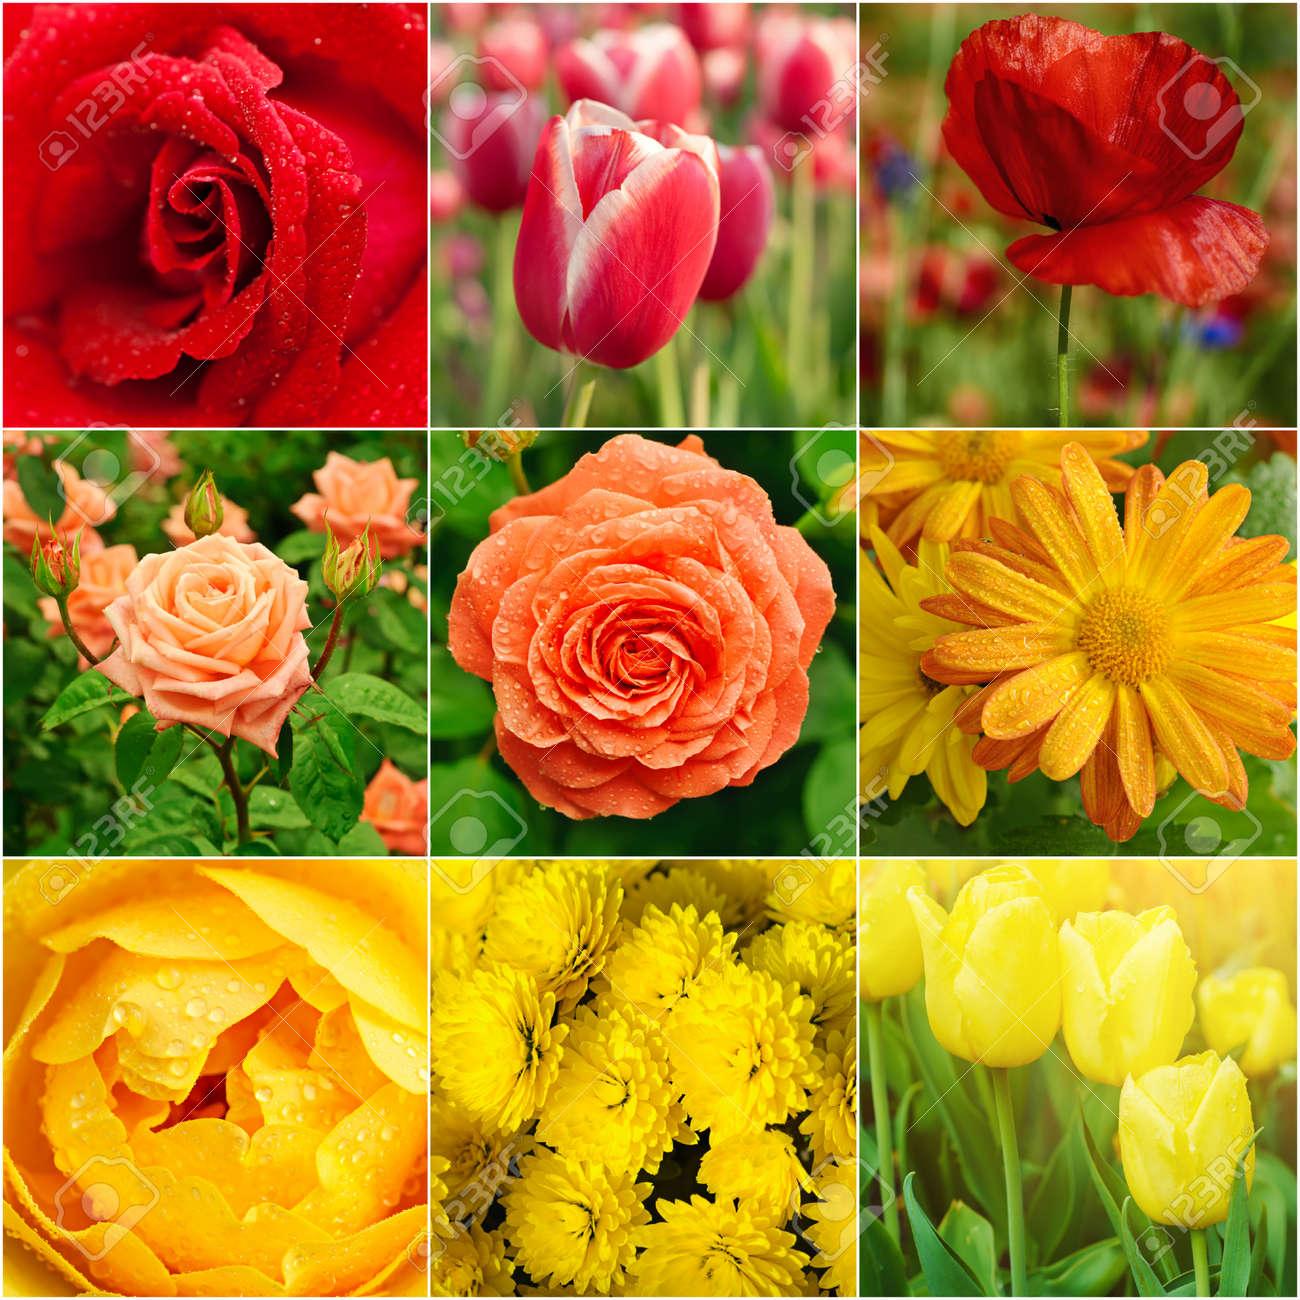 Frühlingsblumen Sammlung In Roten Und Gelben Farben, Natürliche ...